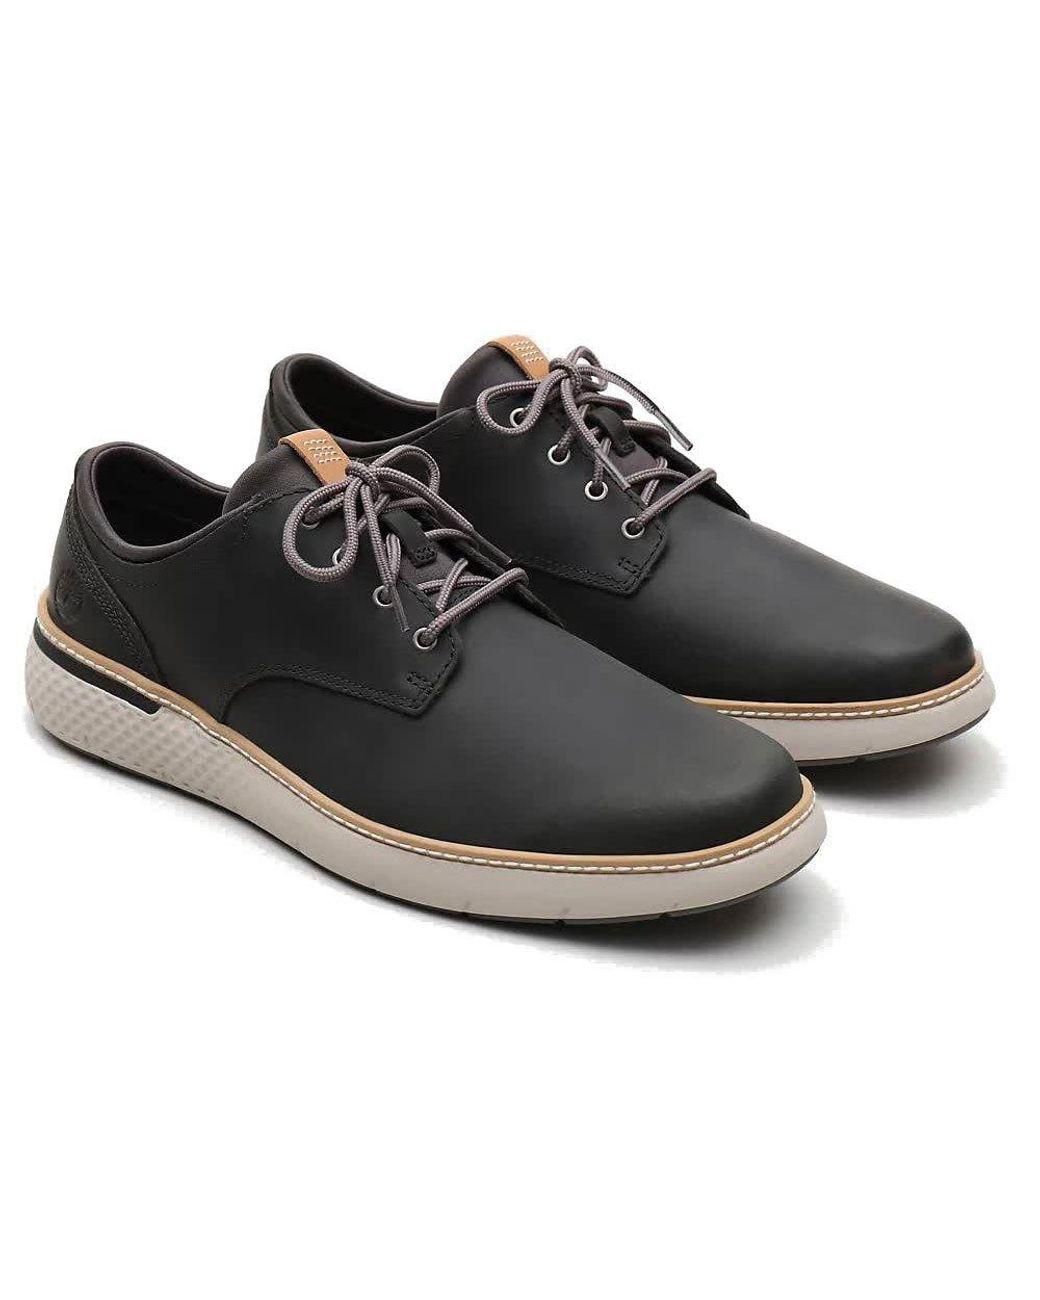 Timberland Leather Crossmark Plain Toe